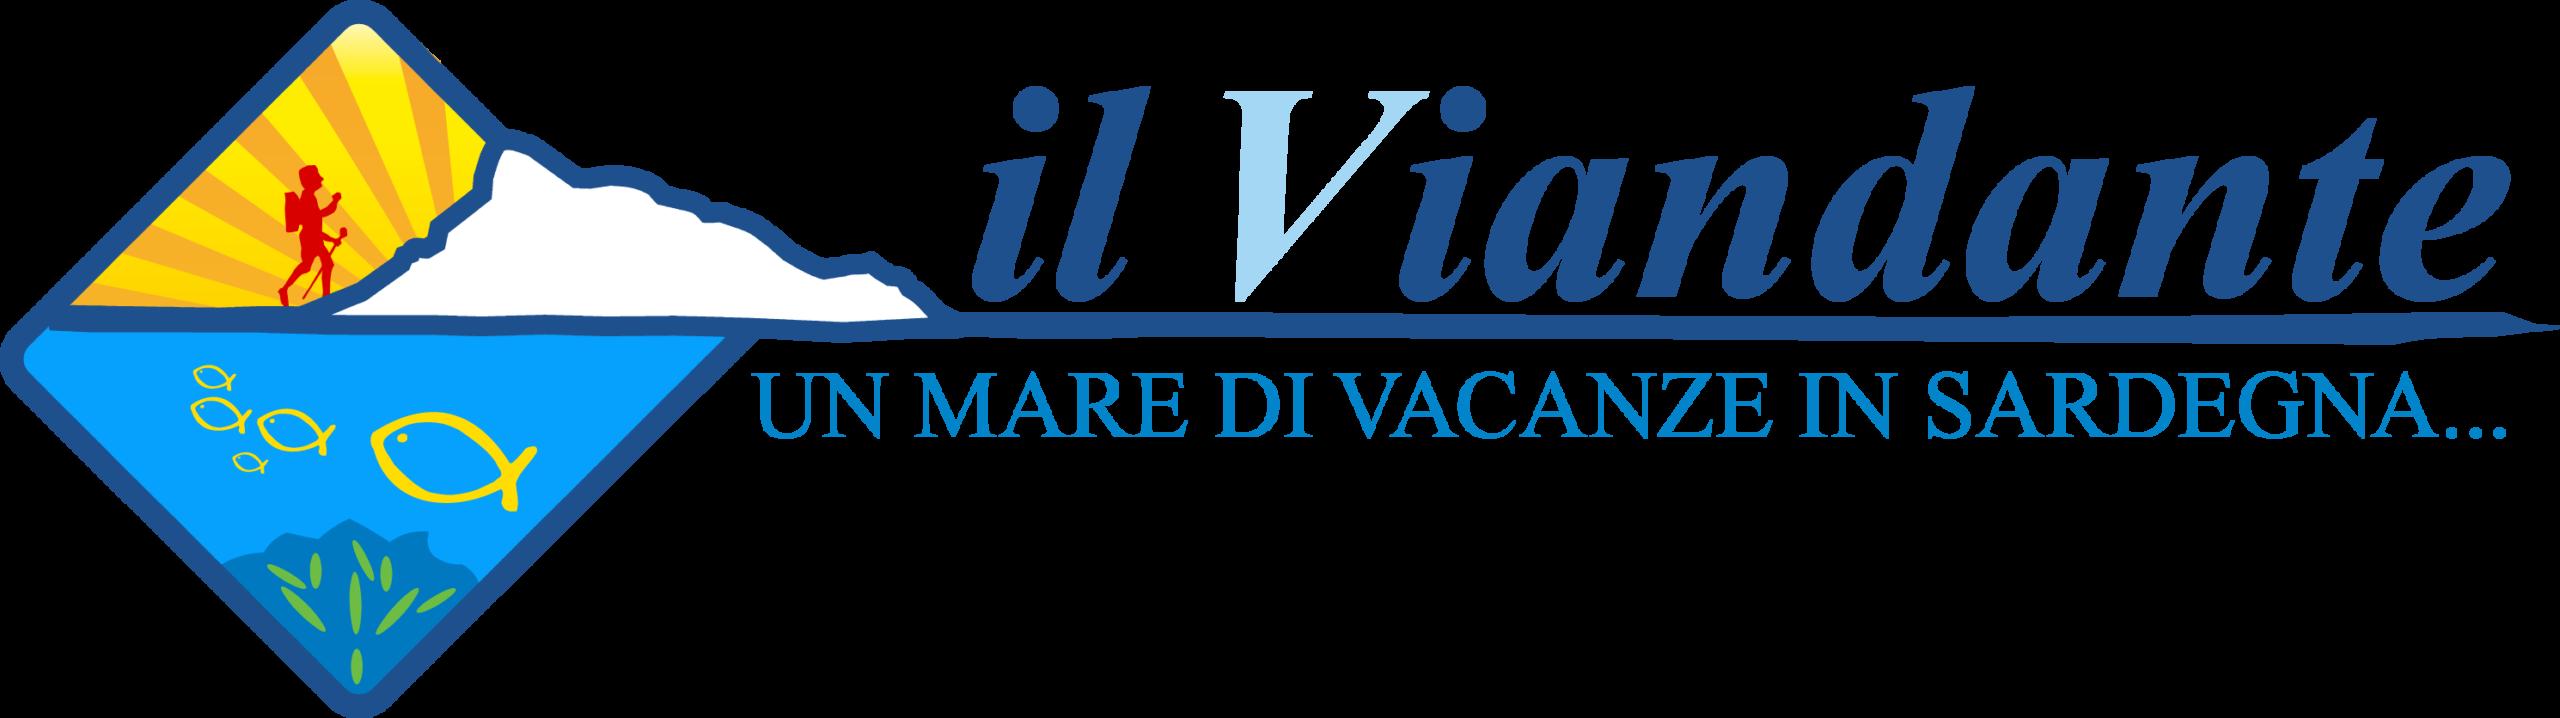 Il Viandante Hotel a San Teodoro: B&B in Sardegna